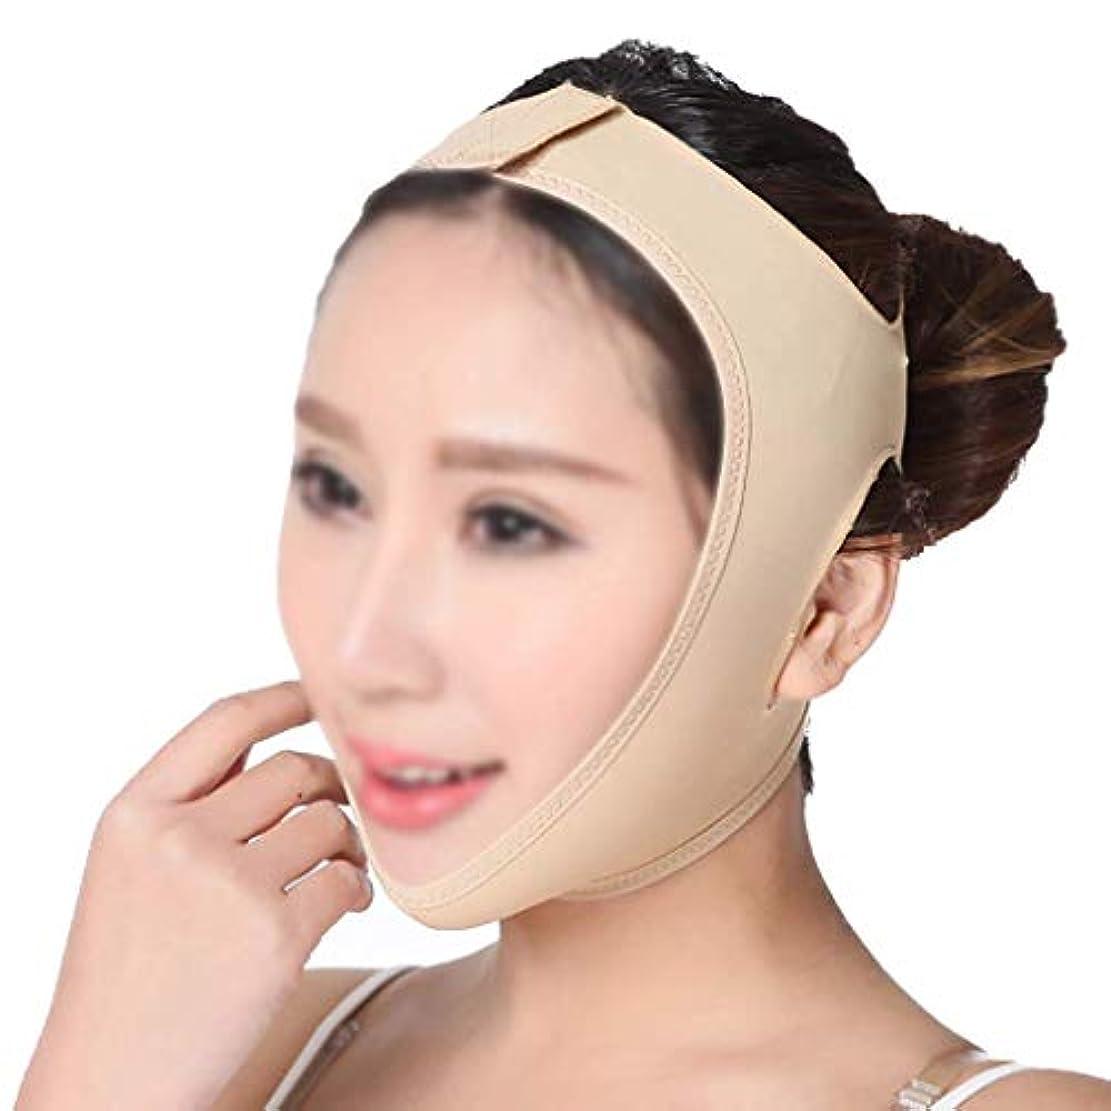 ヒュームエントリ花輪薄い顔の包帯の顔スリム二重あごを取り除くVラインの顔の形を作成するあごの頬リフトアップアンチリンクルリフティングベルトフェイスマッサージツール(サイズ:L)